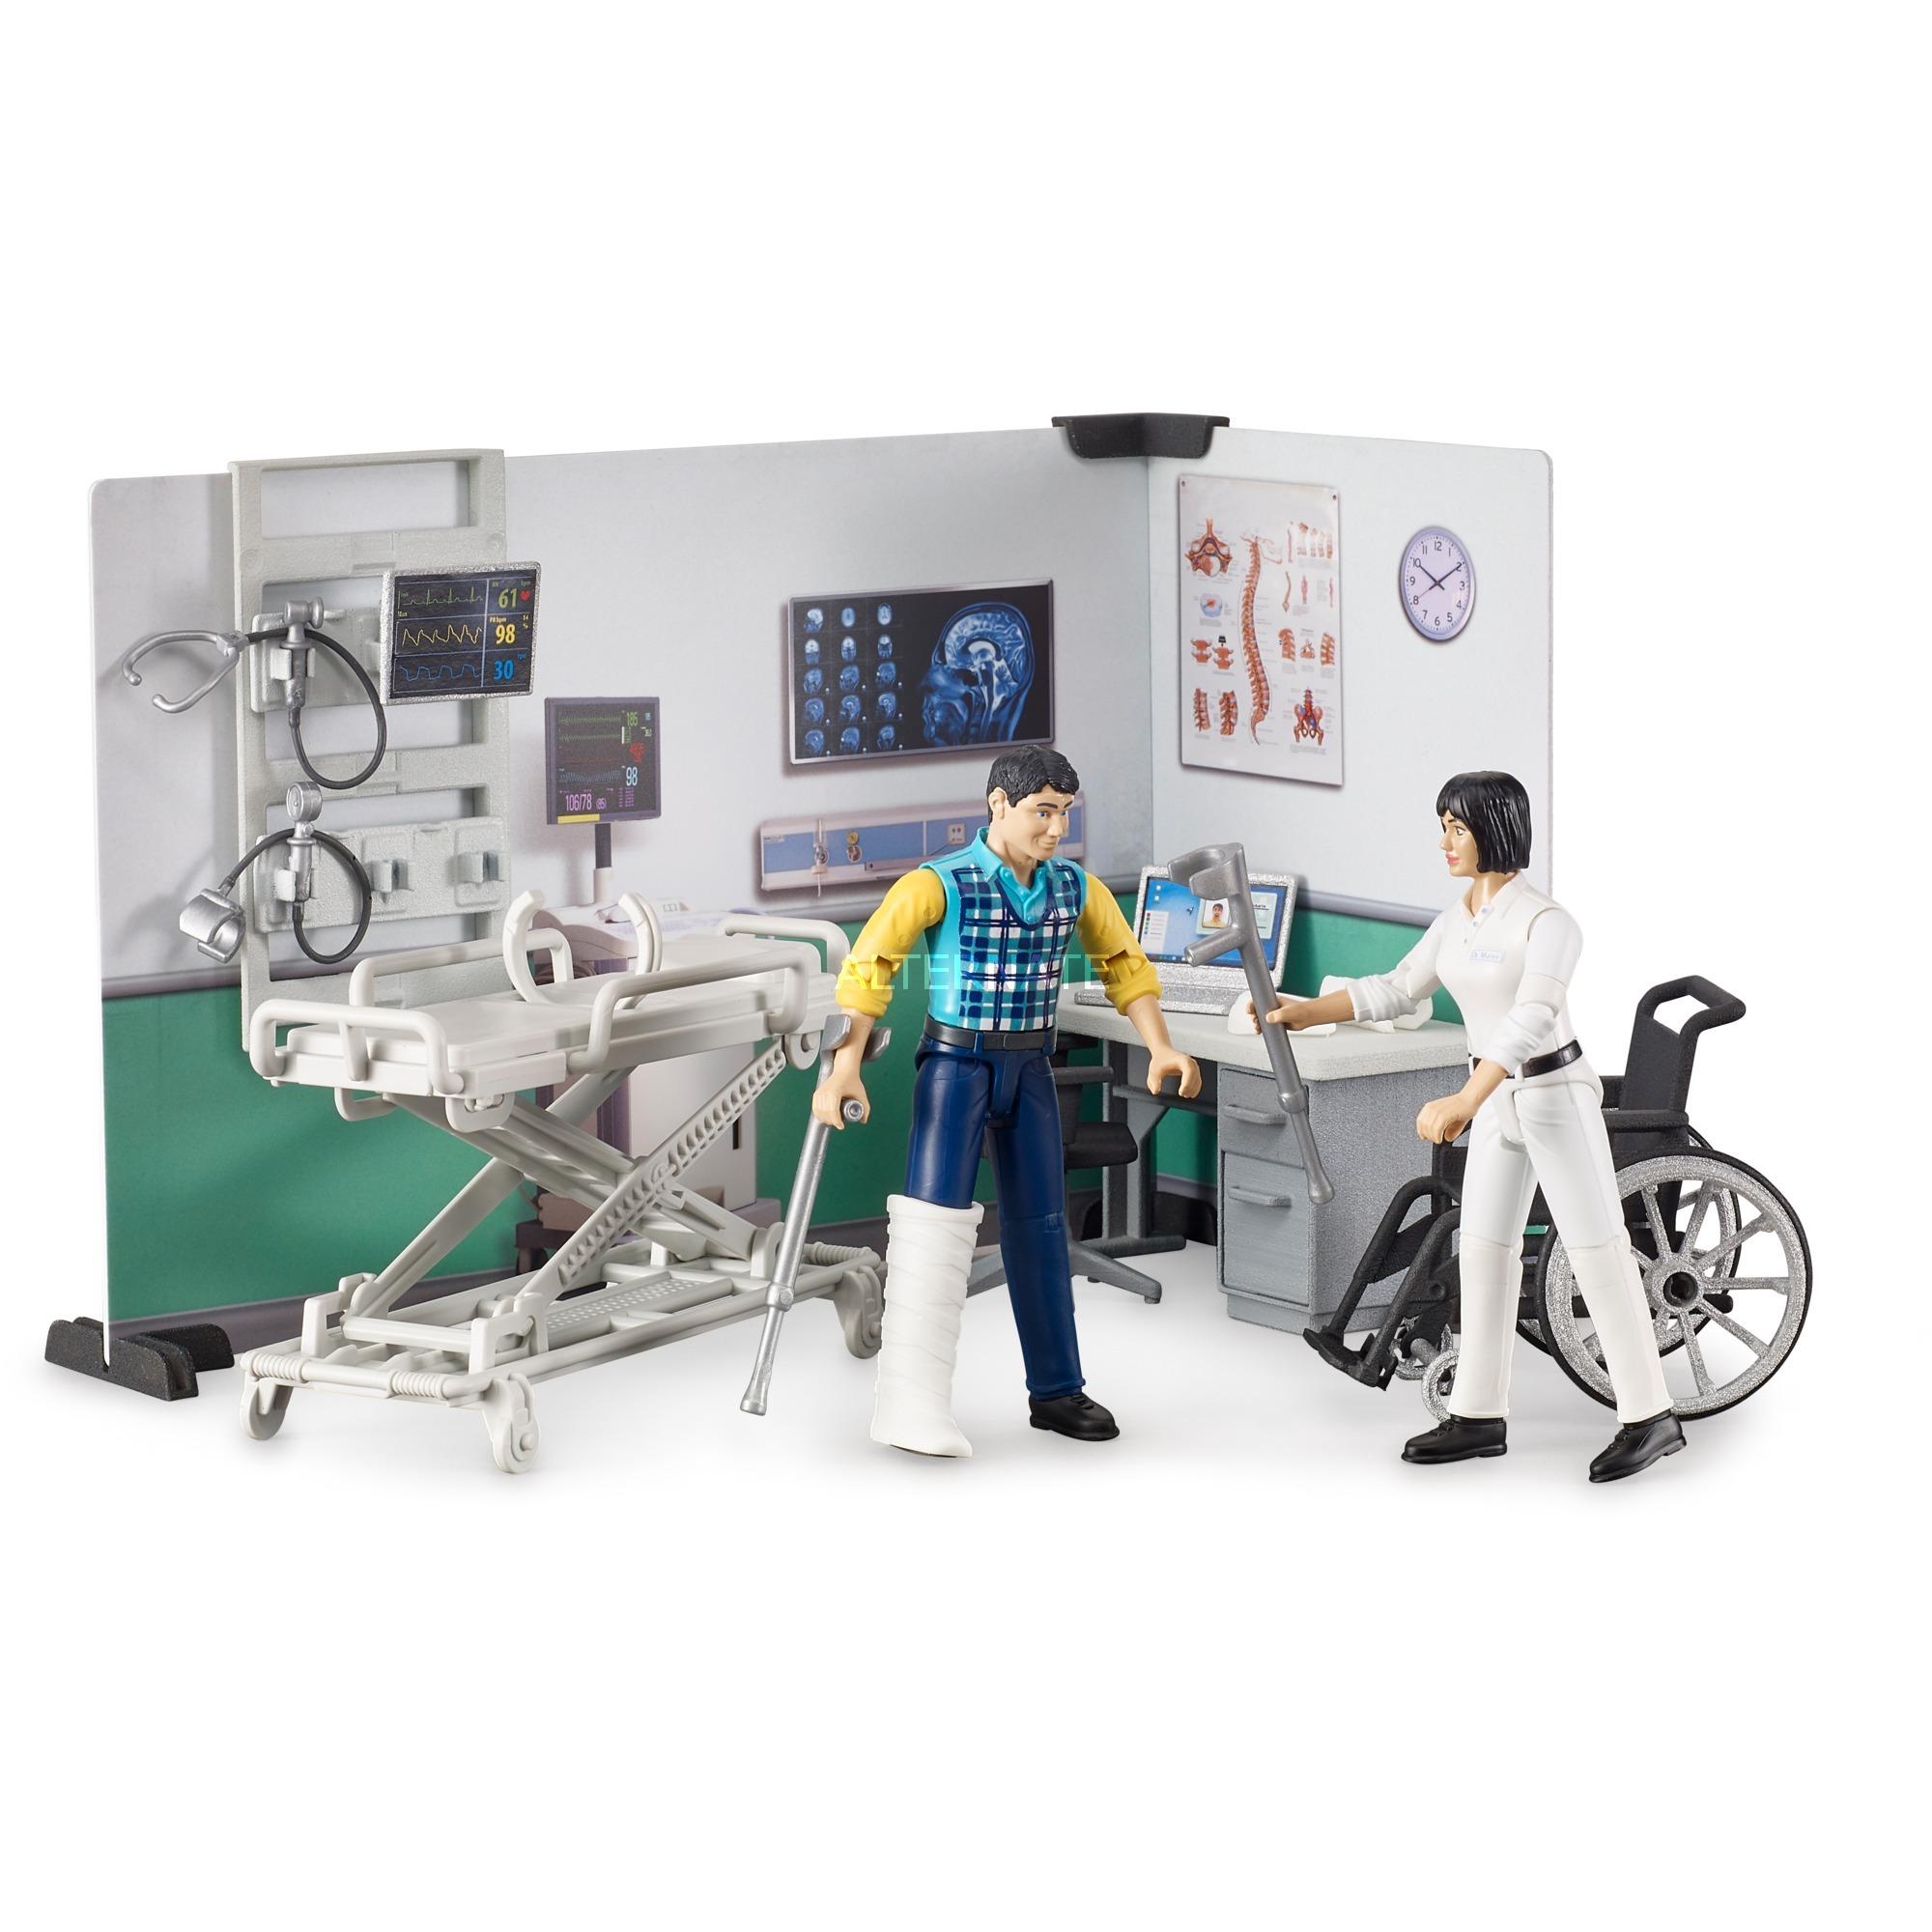 BRUDER 1:16 muñeco asistencia medica con accesorios - Ítem2